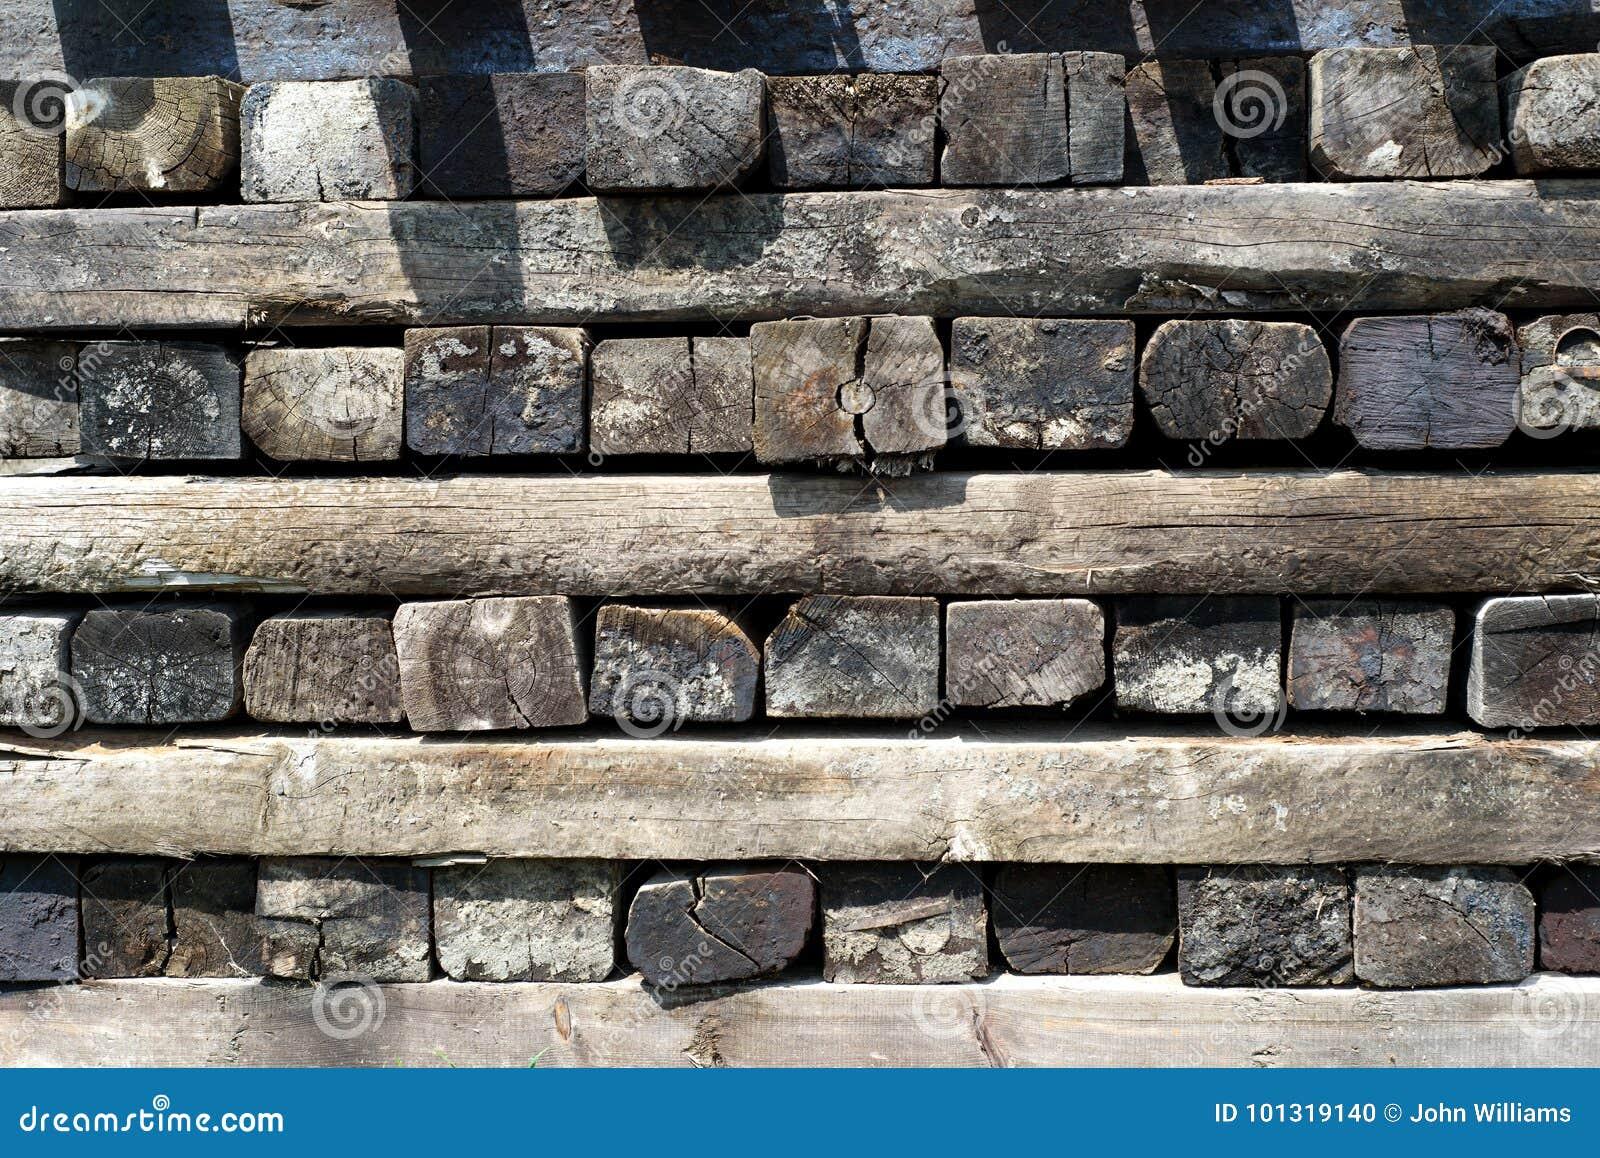 Stack of Railway Sleepers stock photo  Image of coal - 101319140